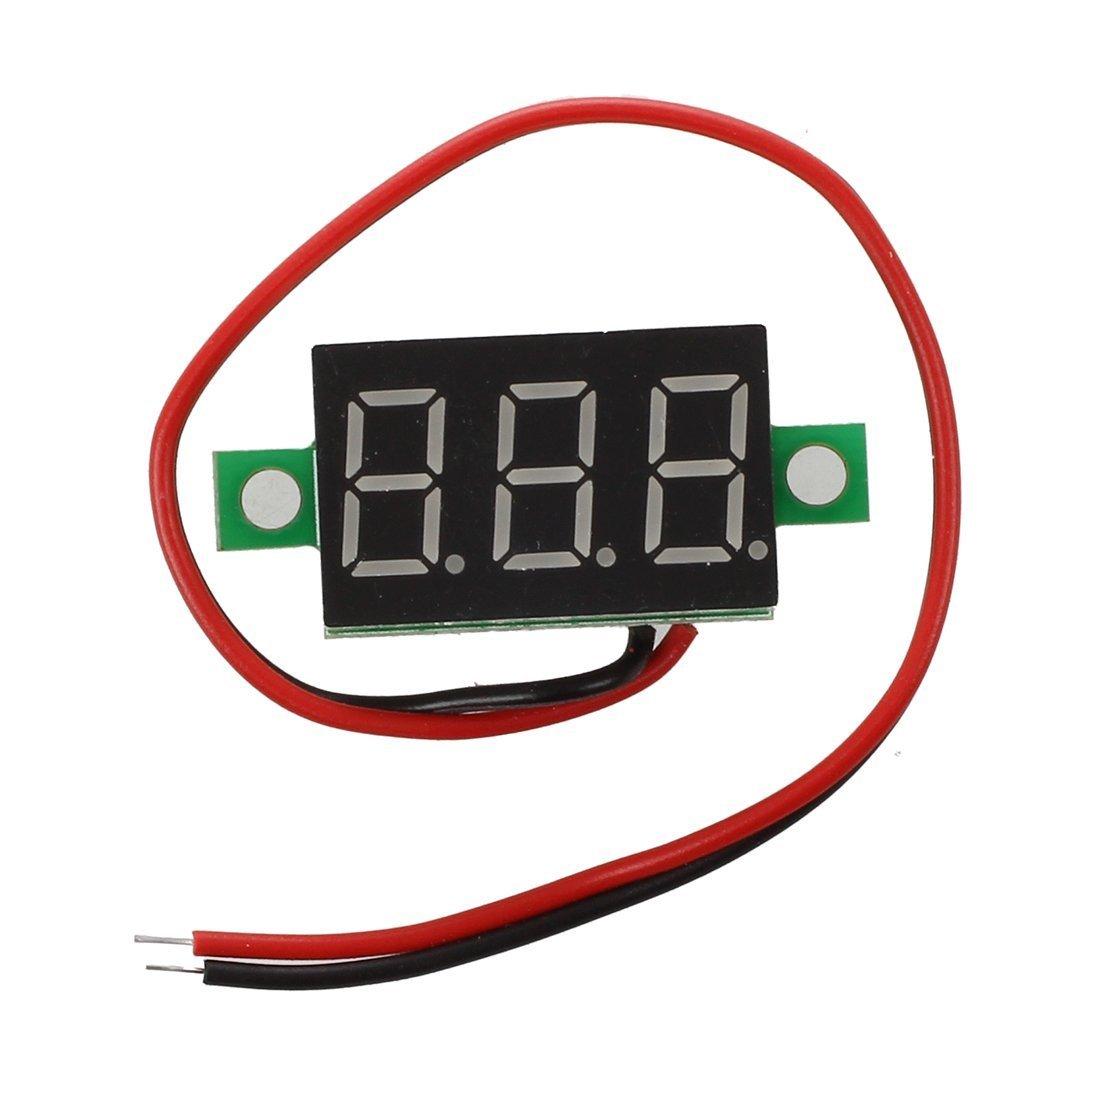 SODIAL (R) LED Mini voltimetro voltaje Pantalla Digital Panel Meter DC 3-30V SODIAL(R)